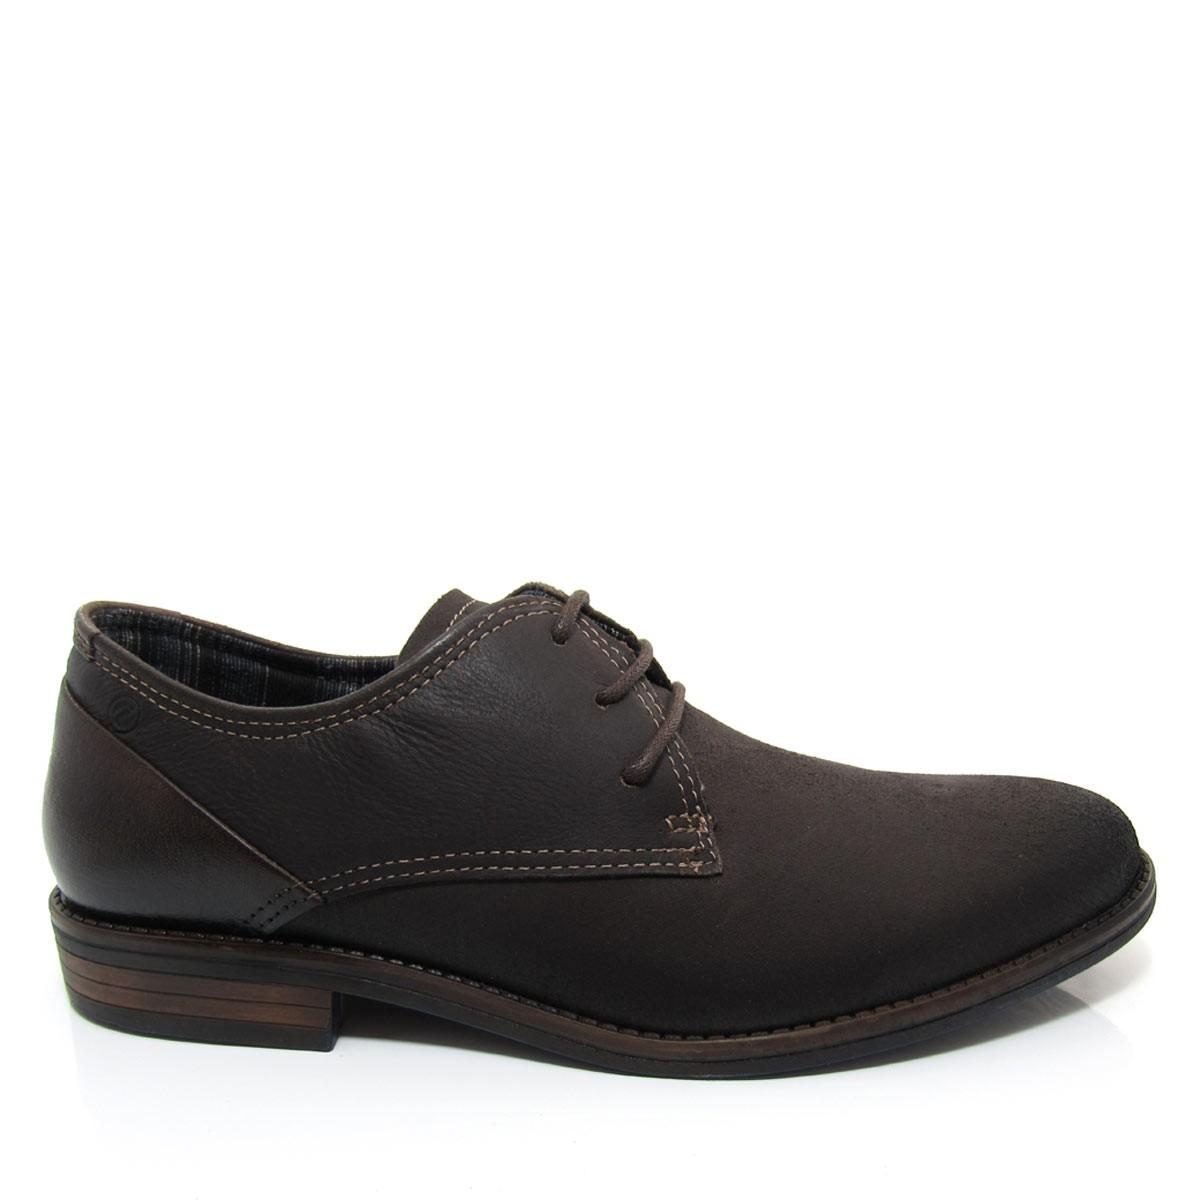 56faf6afd Sapato Casual Masculino Pegada 124501 em Couro Coleção 2018